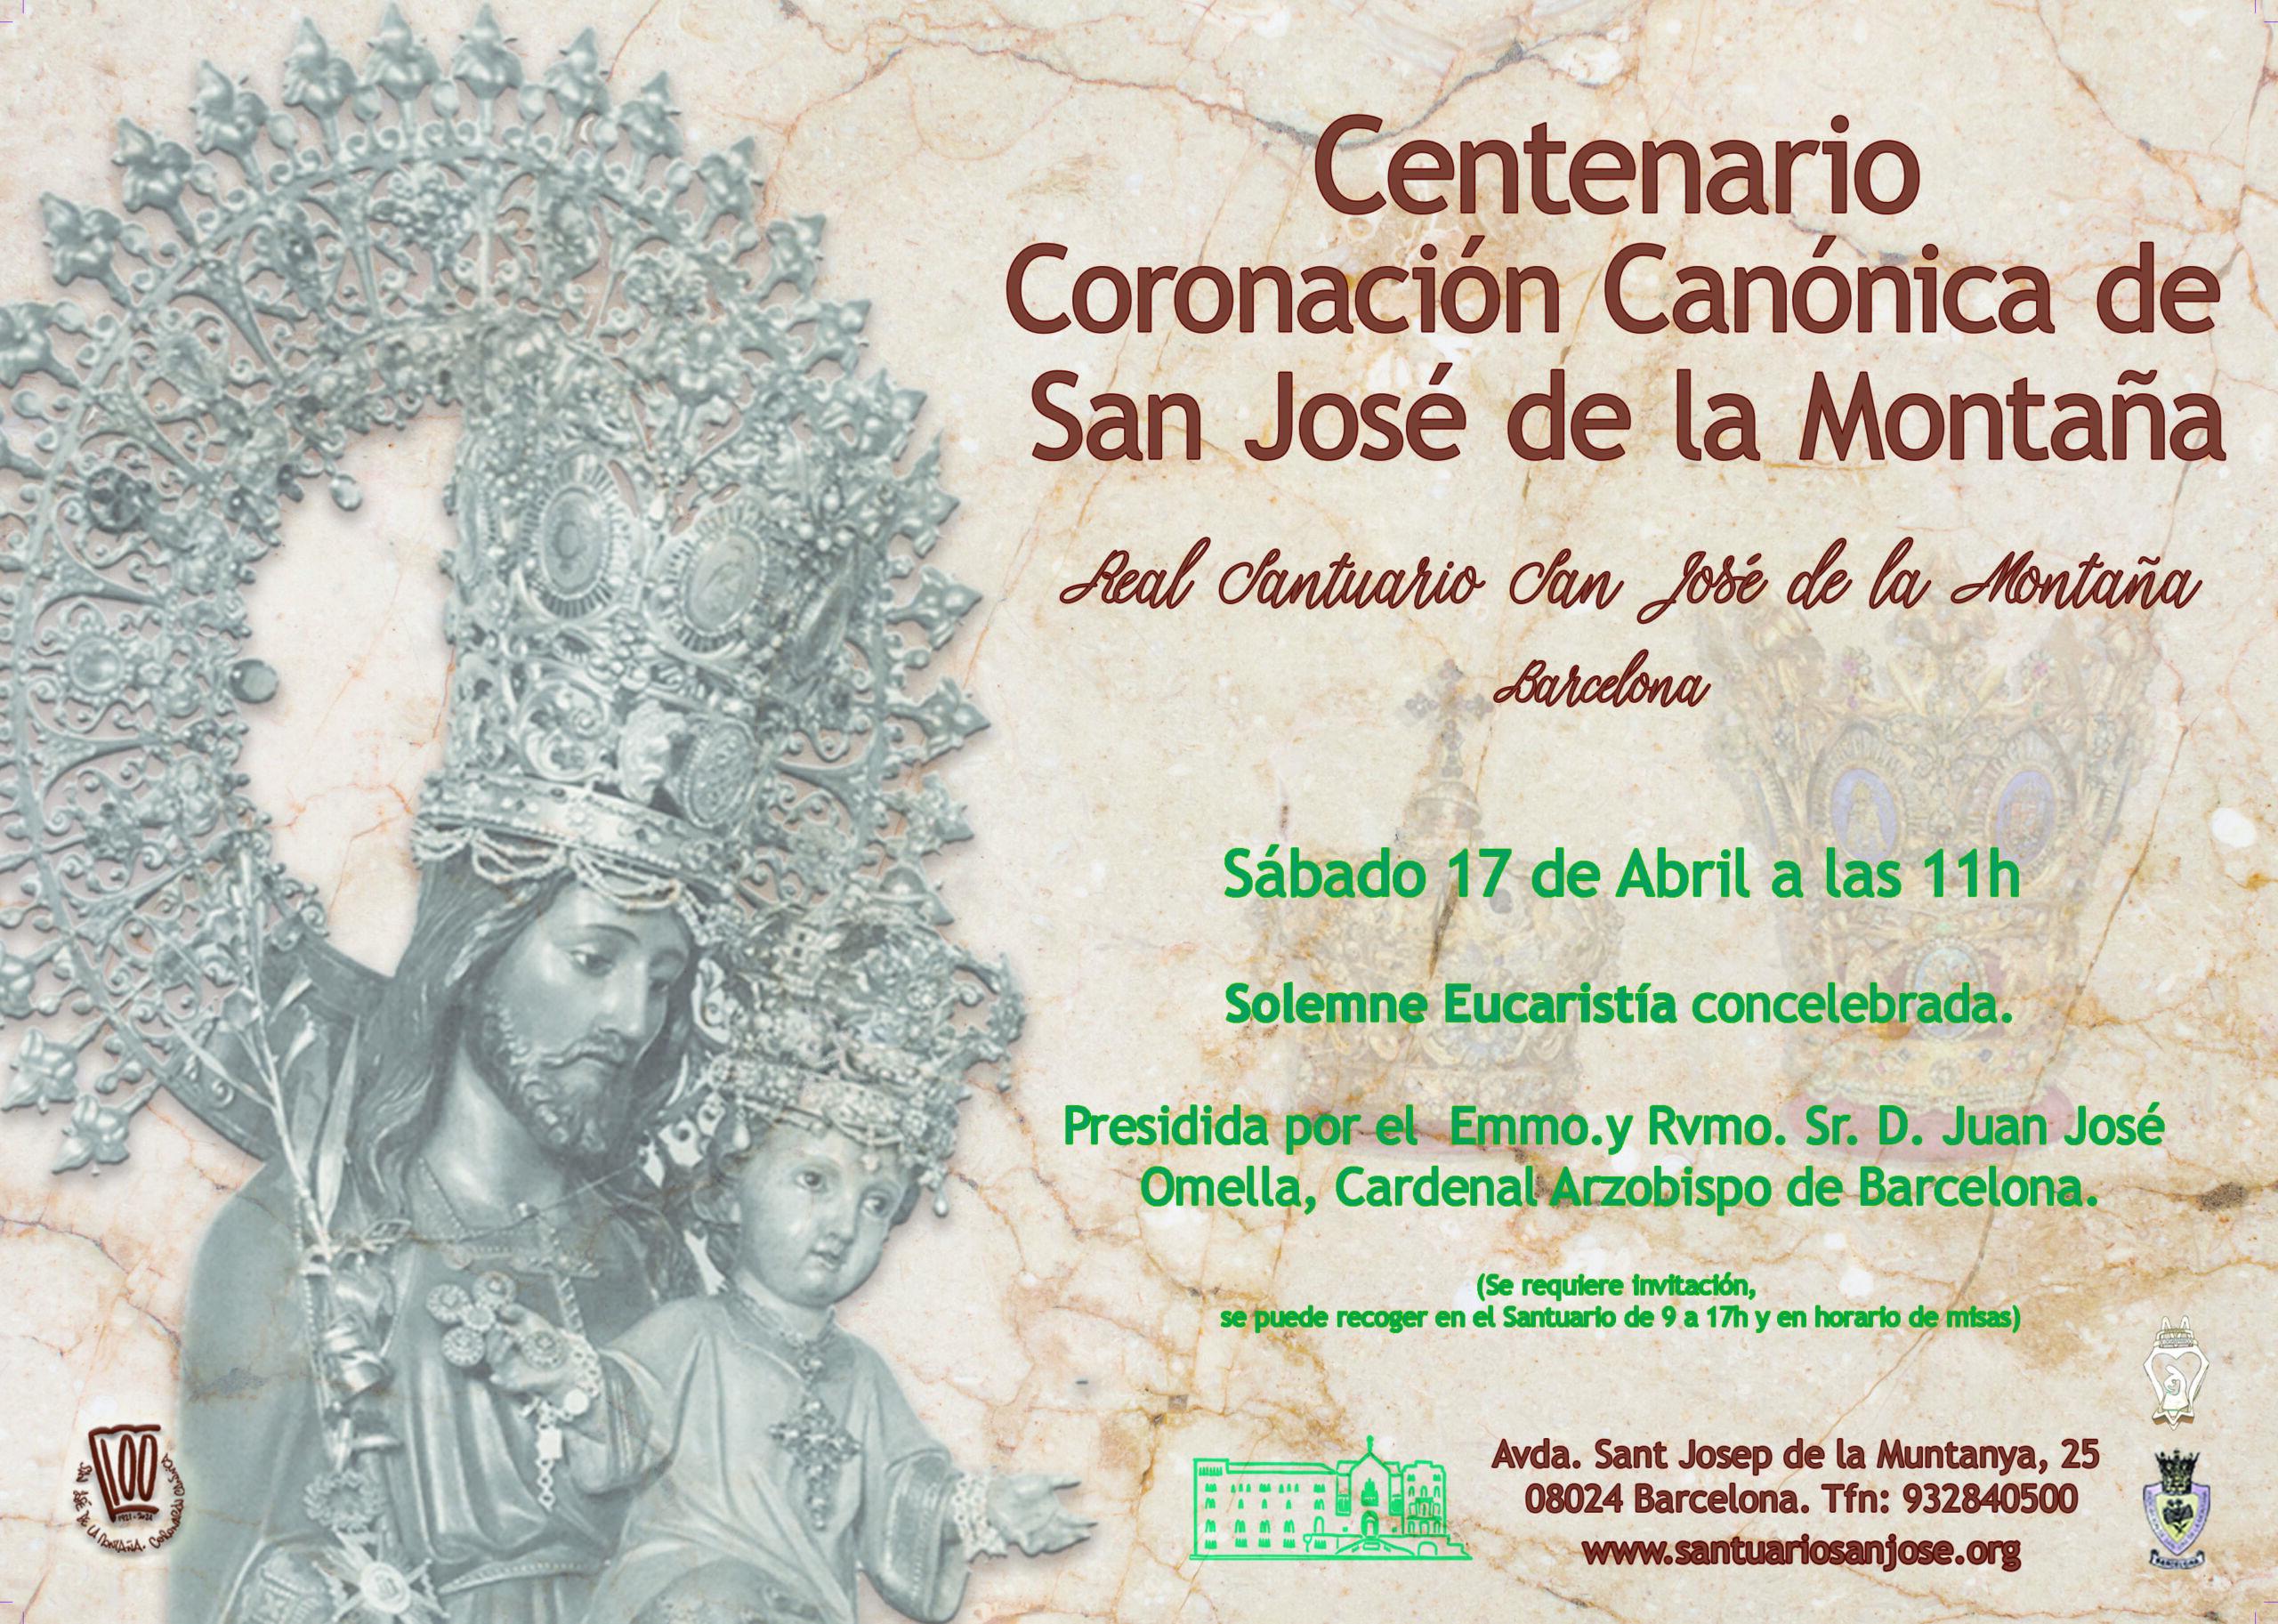 Centenario Coronación Canónica, cartel de inauguración el 17 de Abril de 2021